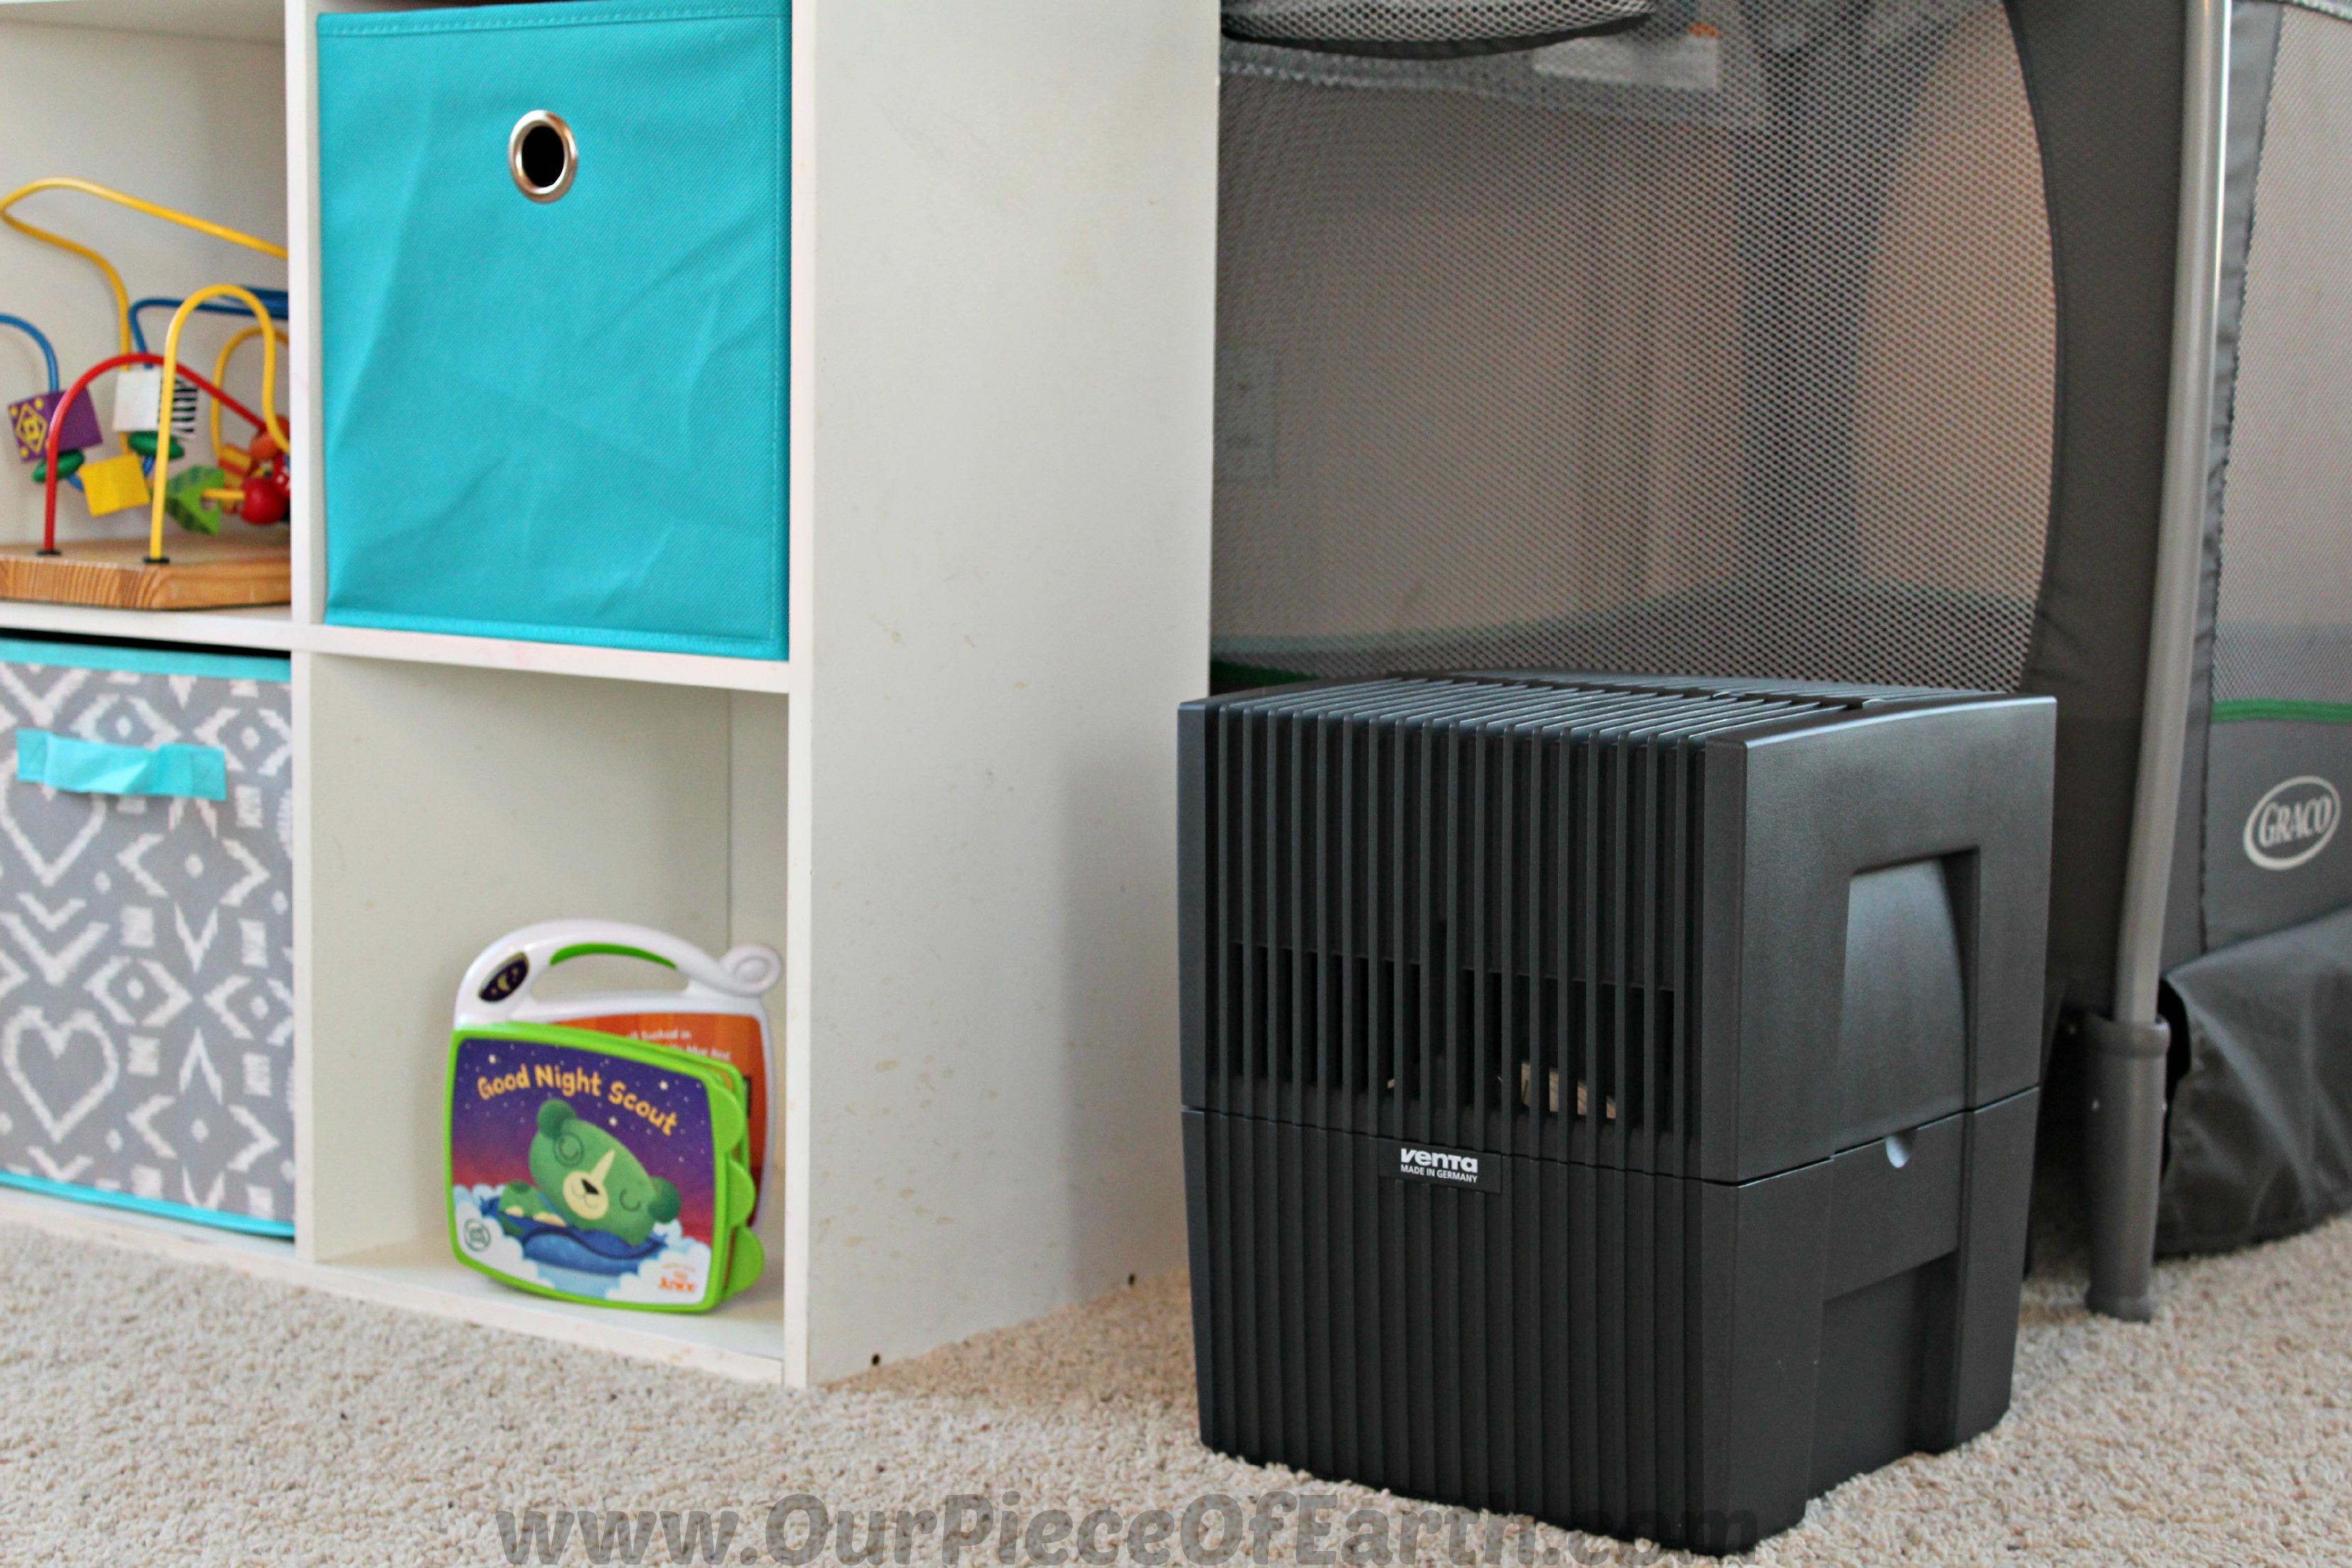 Venta Airwasher in use